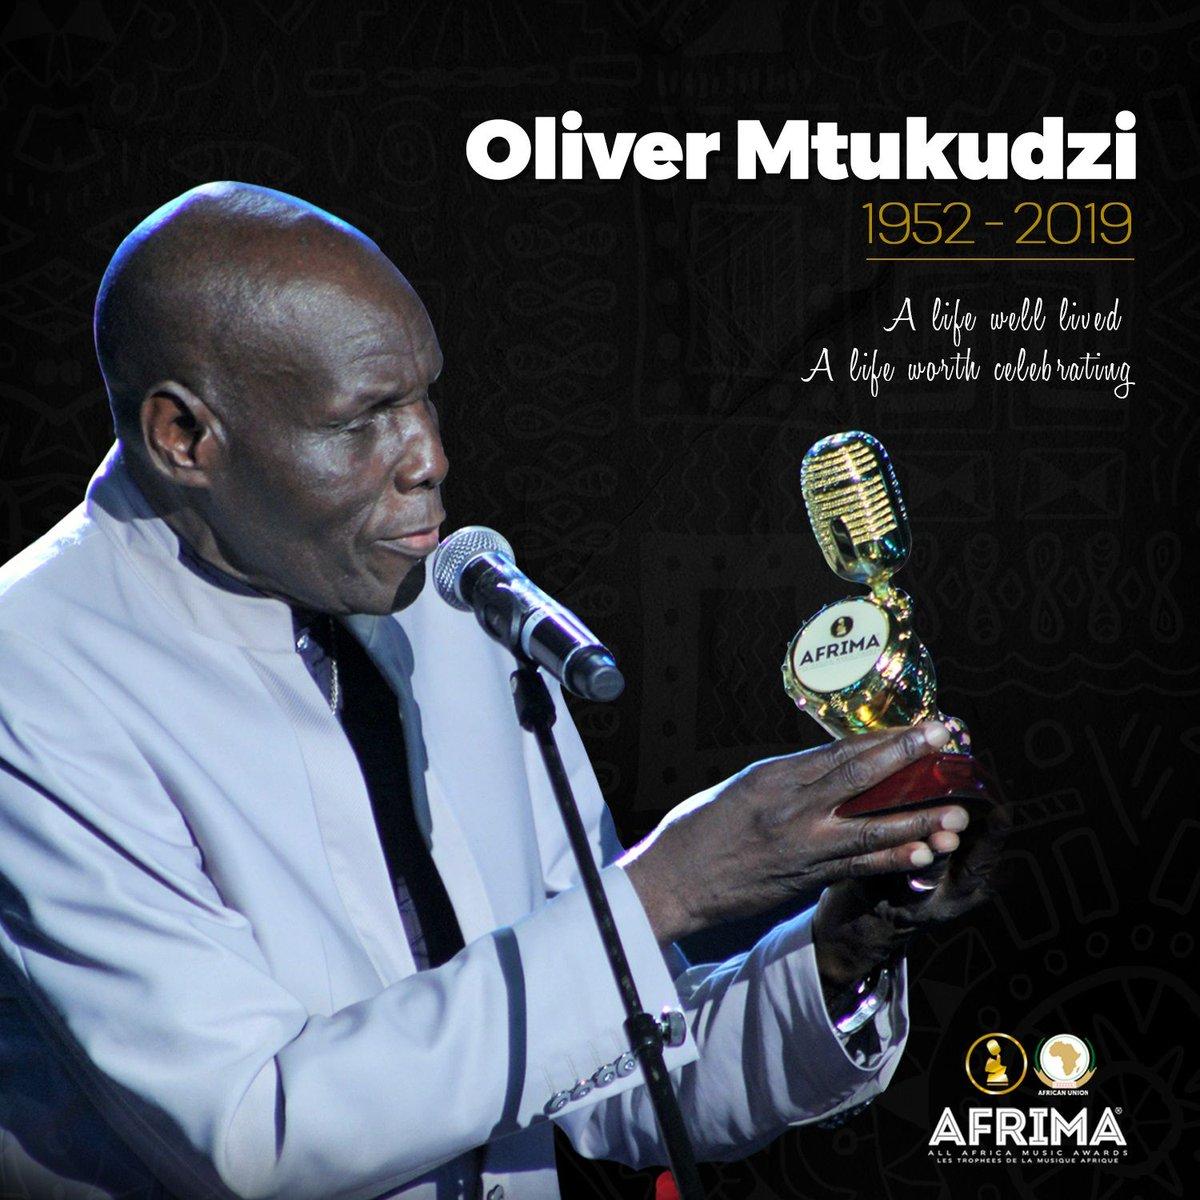 Oliver Mtukudzi 1952 - 2019